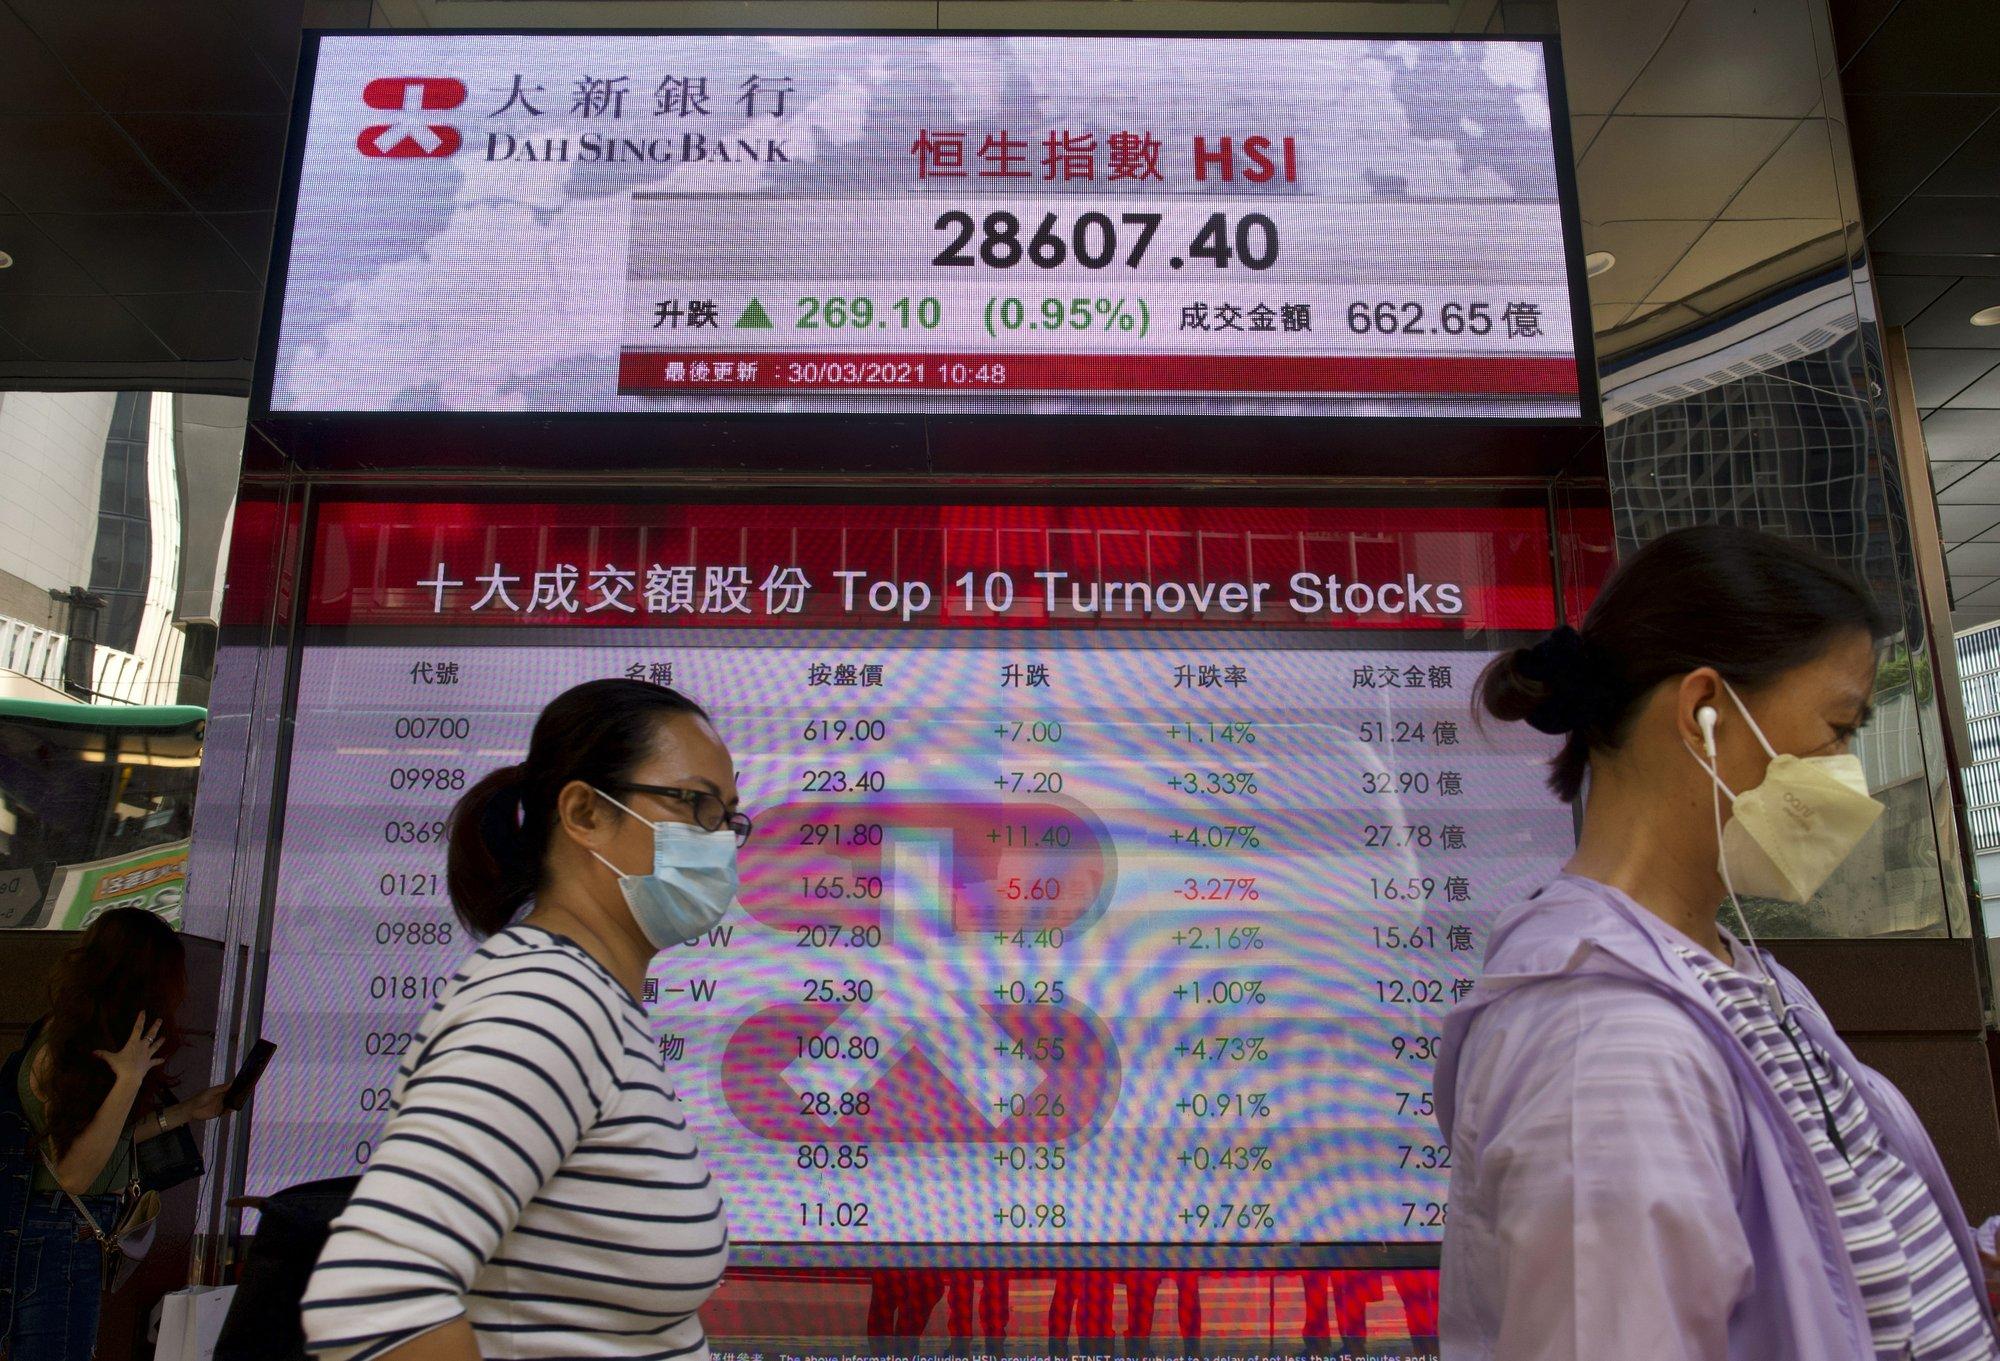 Chứng khoán châu Á trái chiều, thị trường Trung Quốc nghỉ lễ